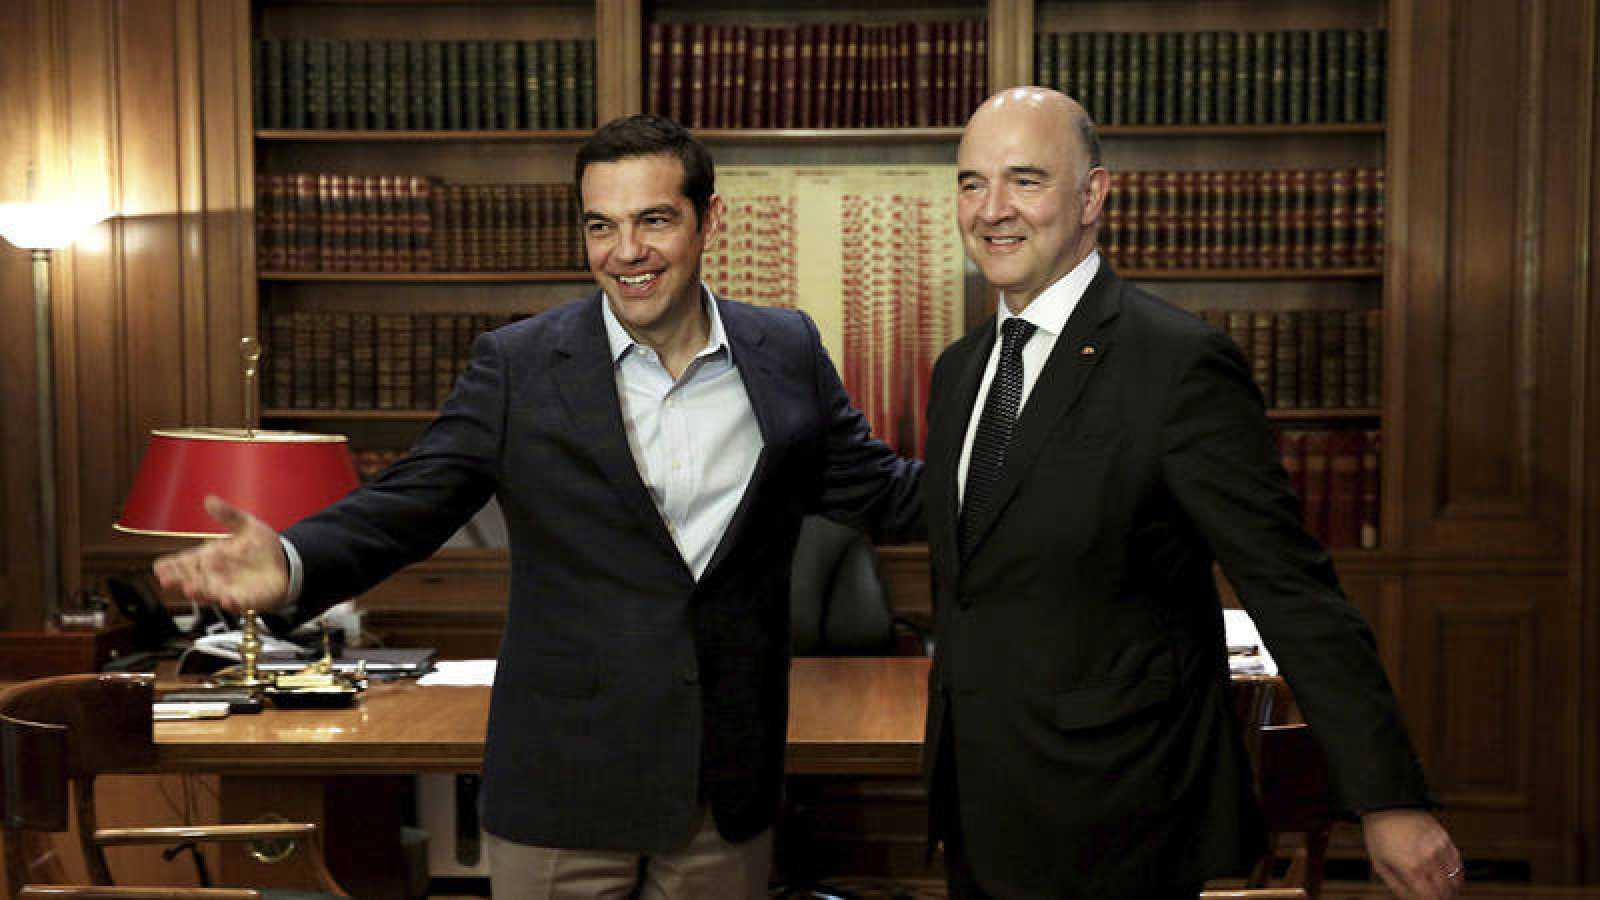 El primer ministro griego, Alexis Tsipras, conversa con el comisario europeo de Asuntos Económicos y Financieros, Pierre Moscovici, durante un encuentro en Atenas